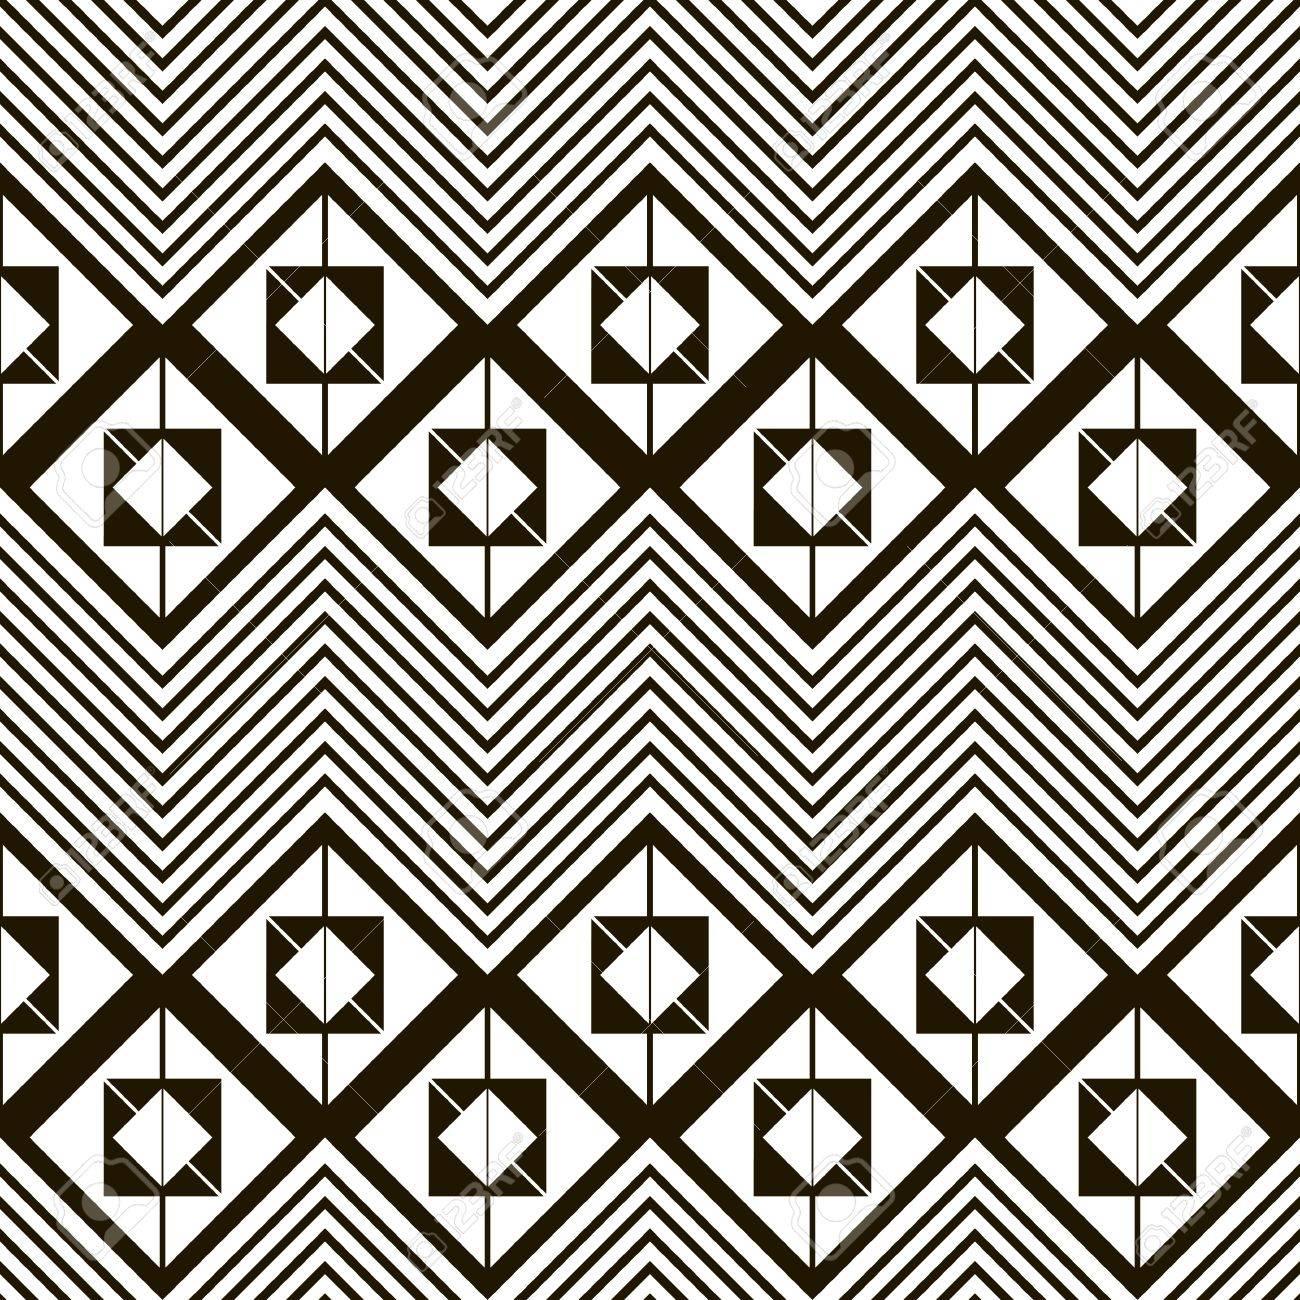 Nahtlose Schwarz-Weiß-Muster Von Horizontalen Zick-Zack. Quadrate ...